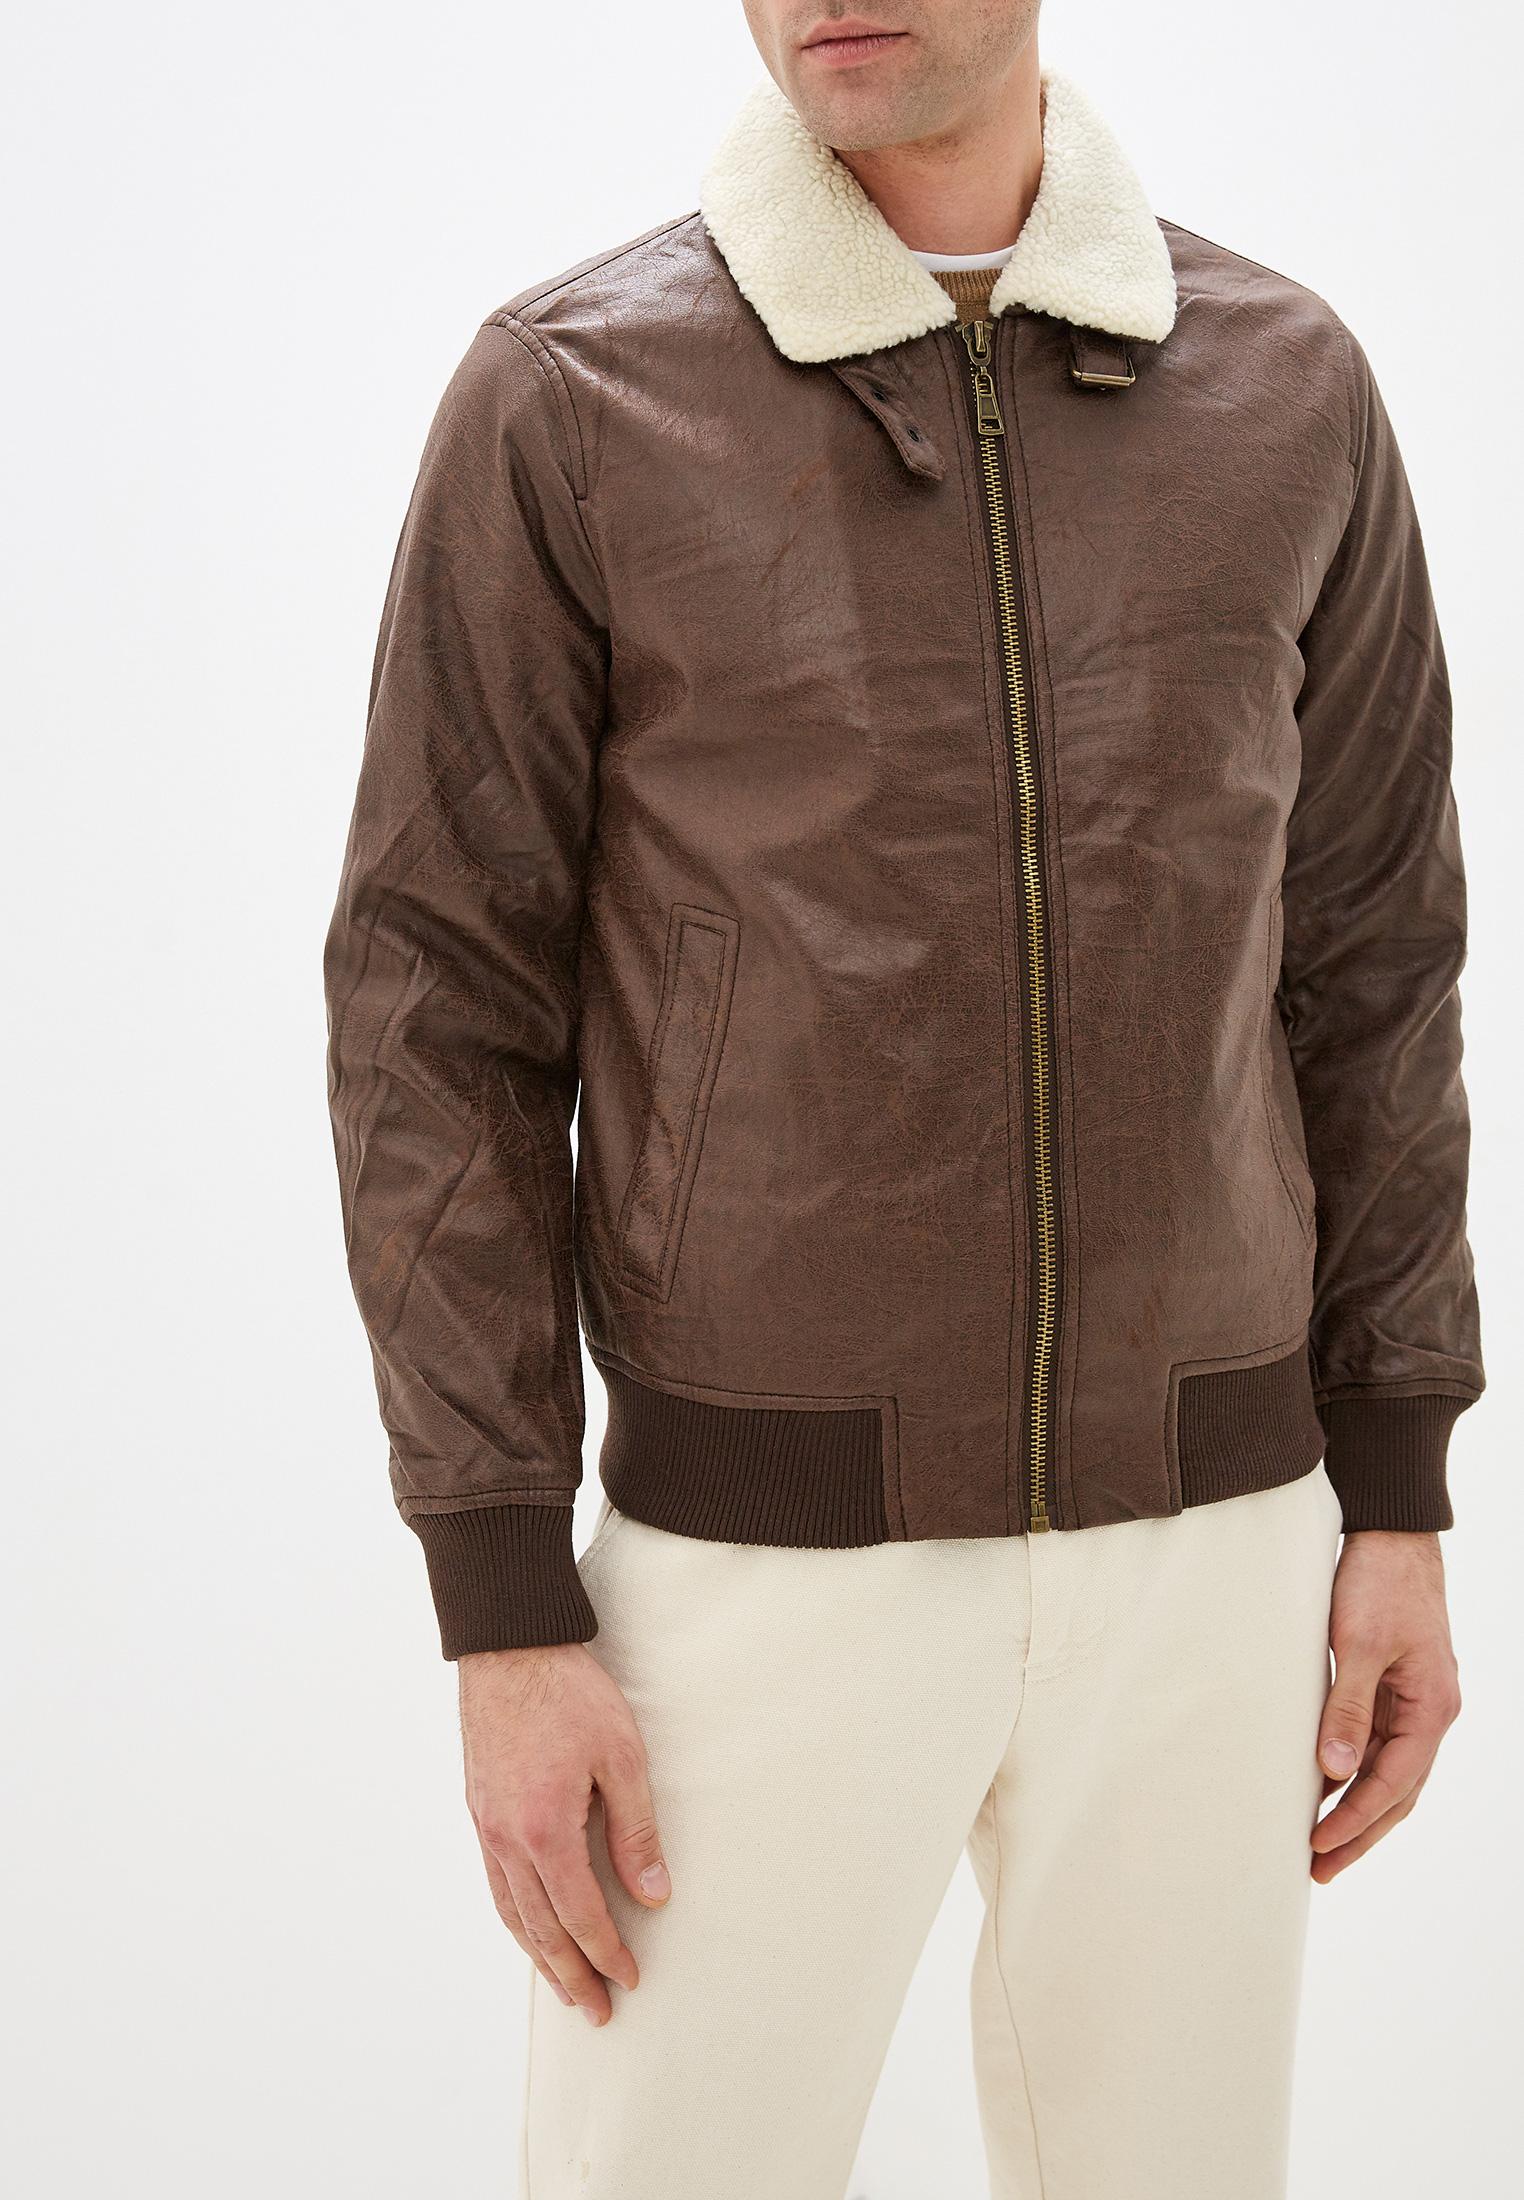 Куртка кожаная, Tony Backer, цвет: коричневый. Артикул: TO043EMHDSC2. Одежда / Верхняя одежда / Кожаные куртки